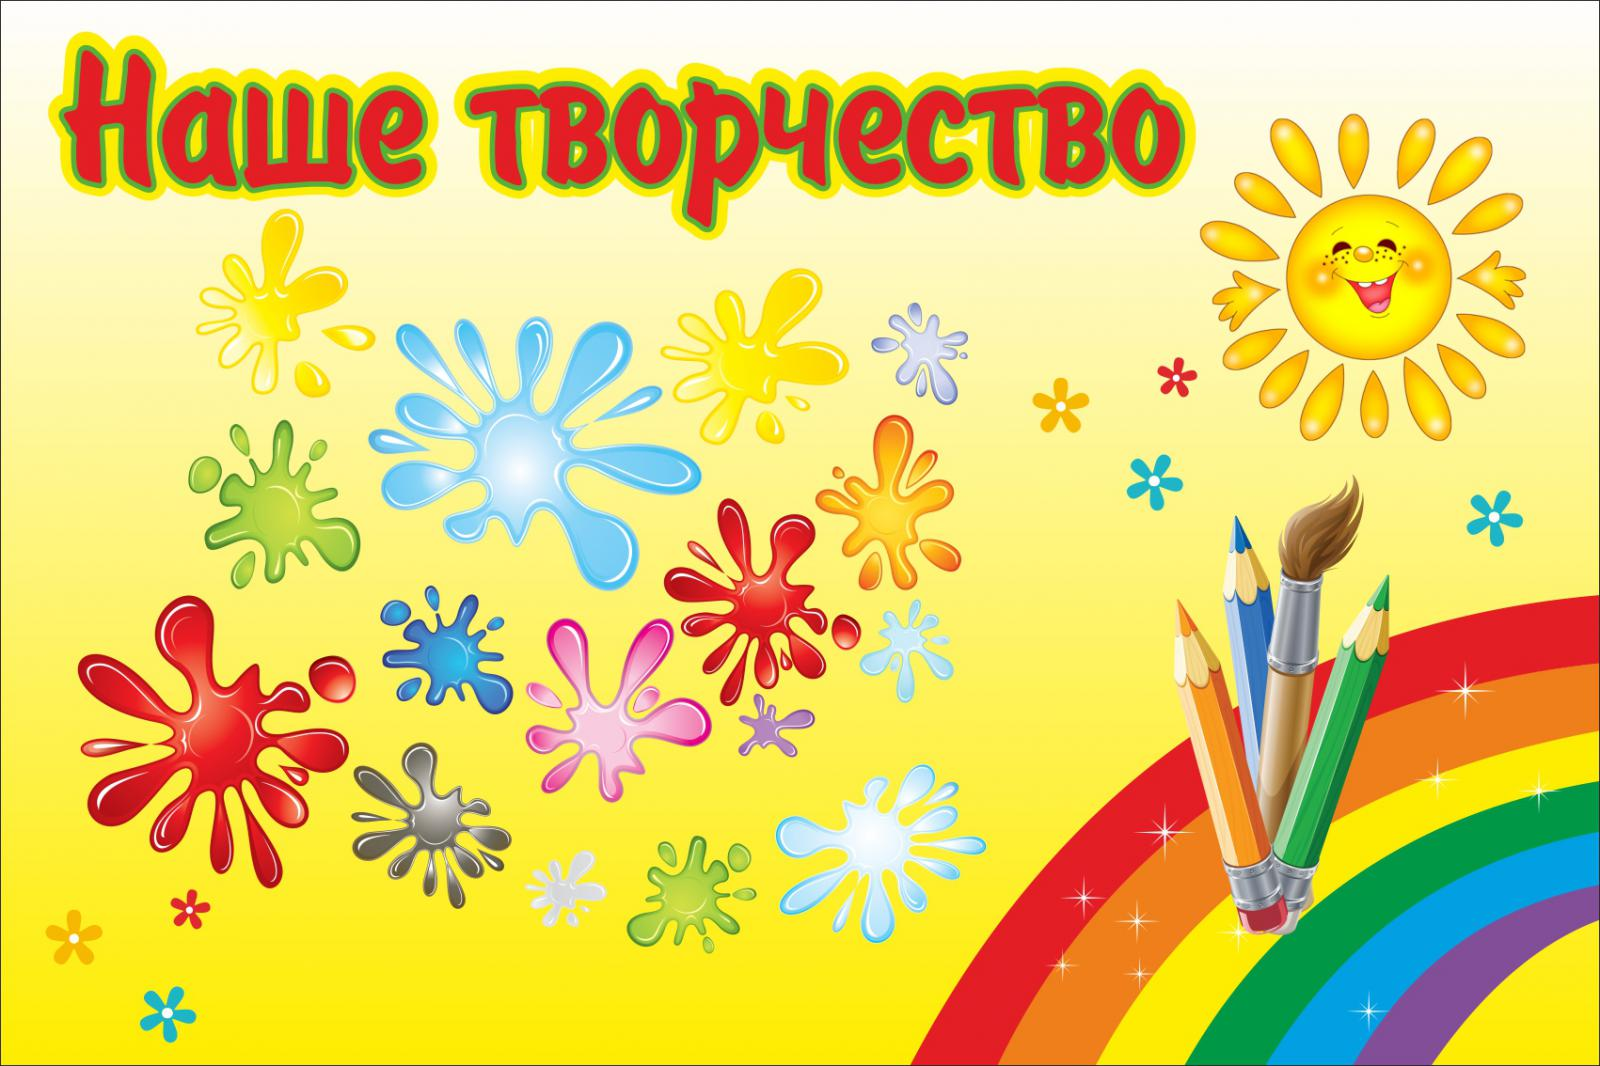 Оформление уголка наше творчество в детском саду своими руками фото